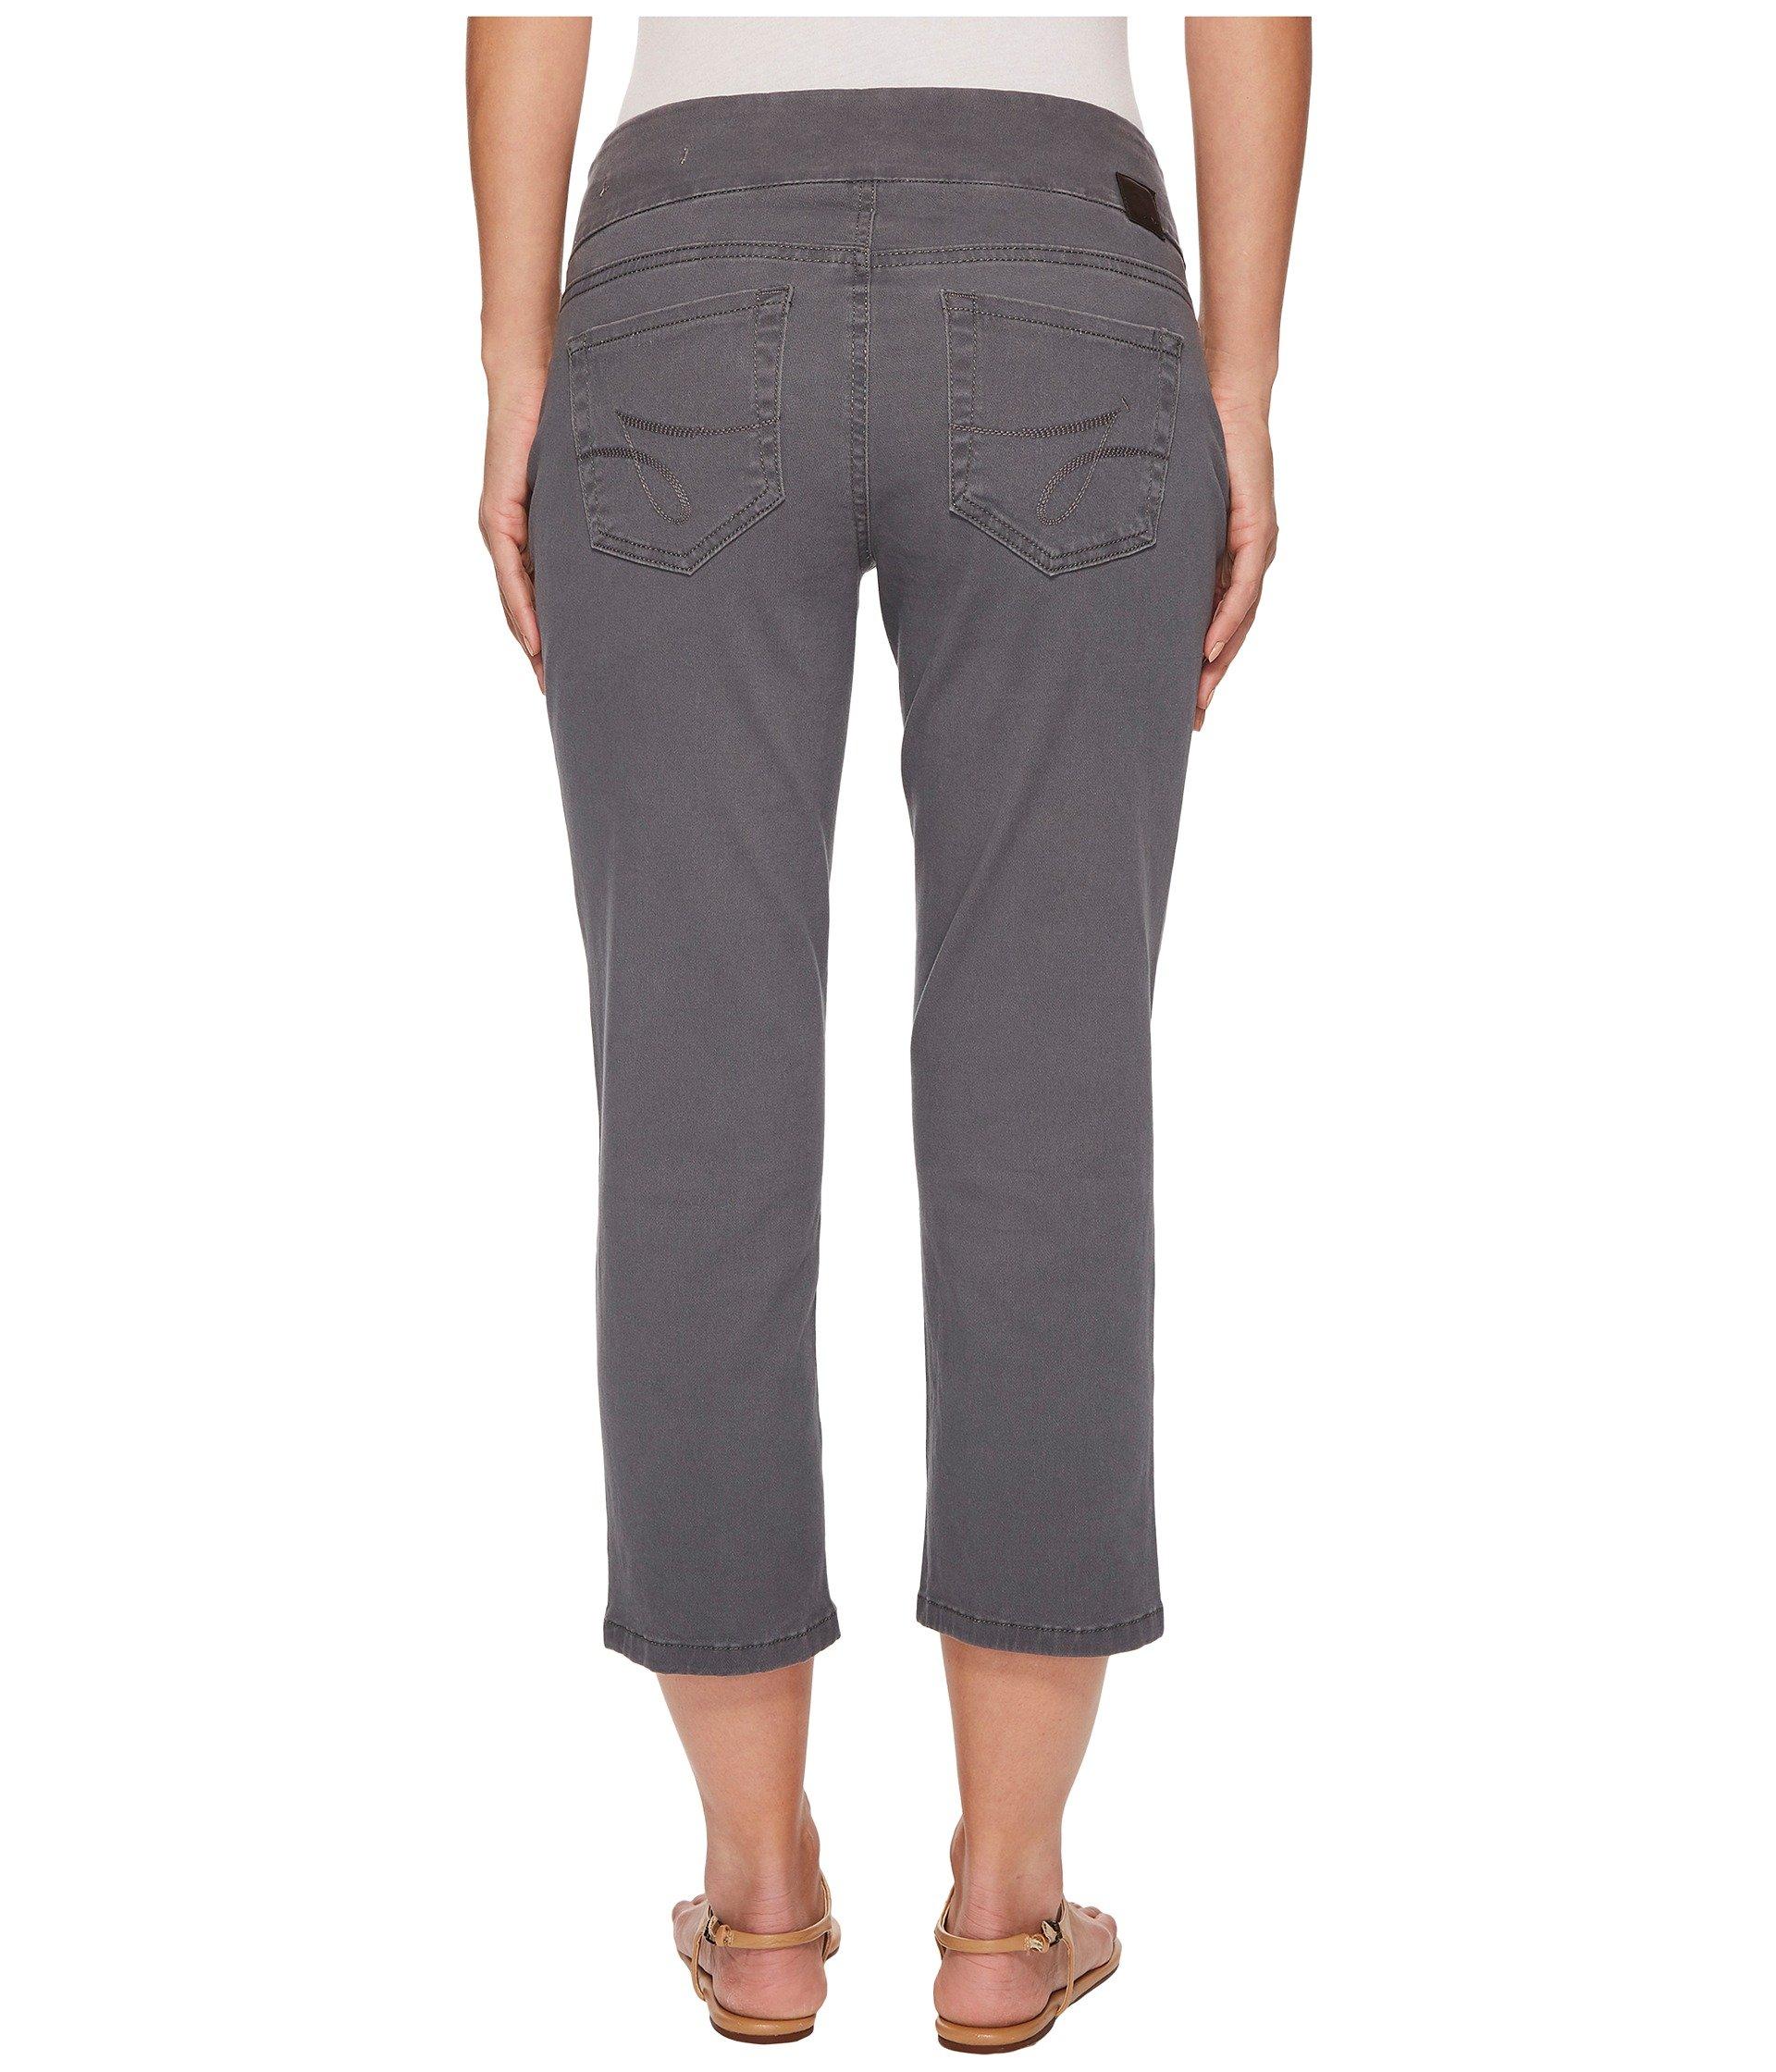 Jeans Crop Straight Grey Peri Jag Streak Pull Twill on fwzvqqYd